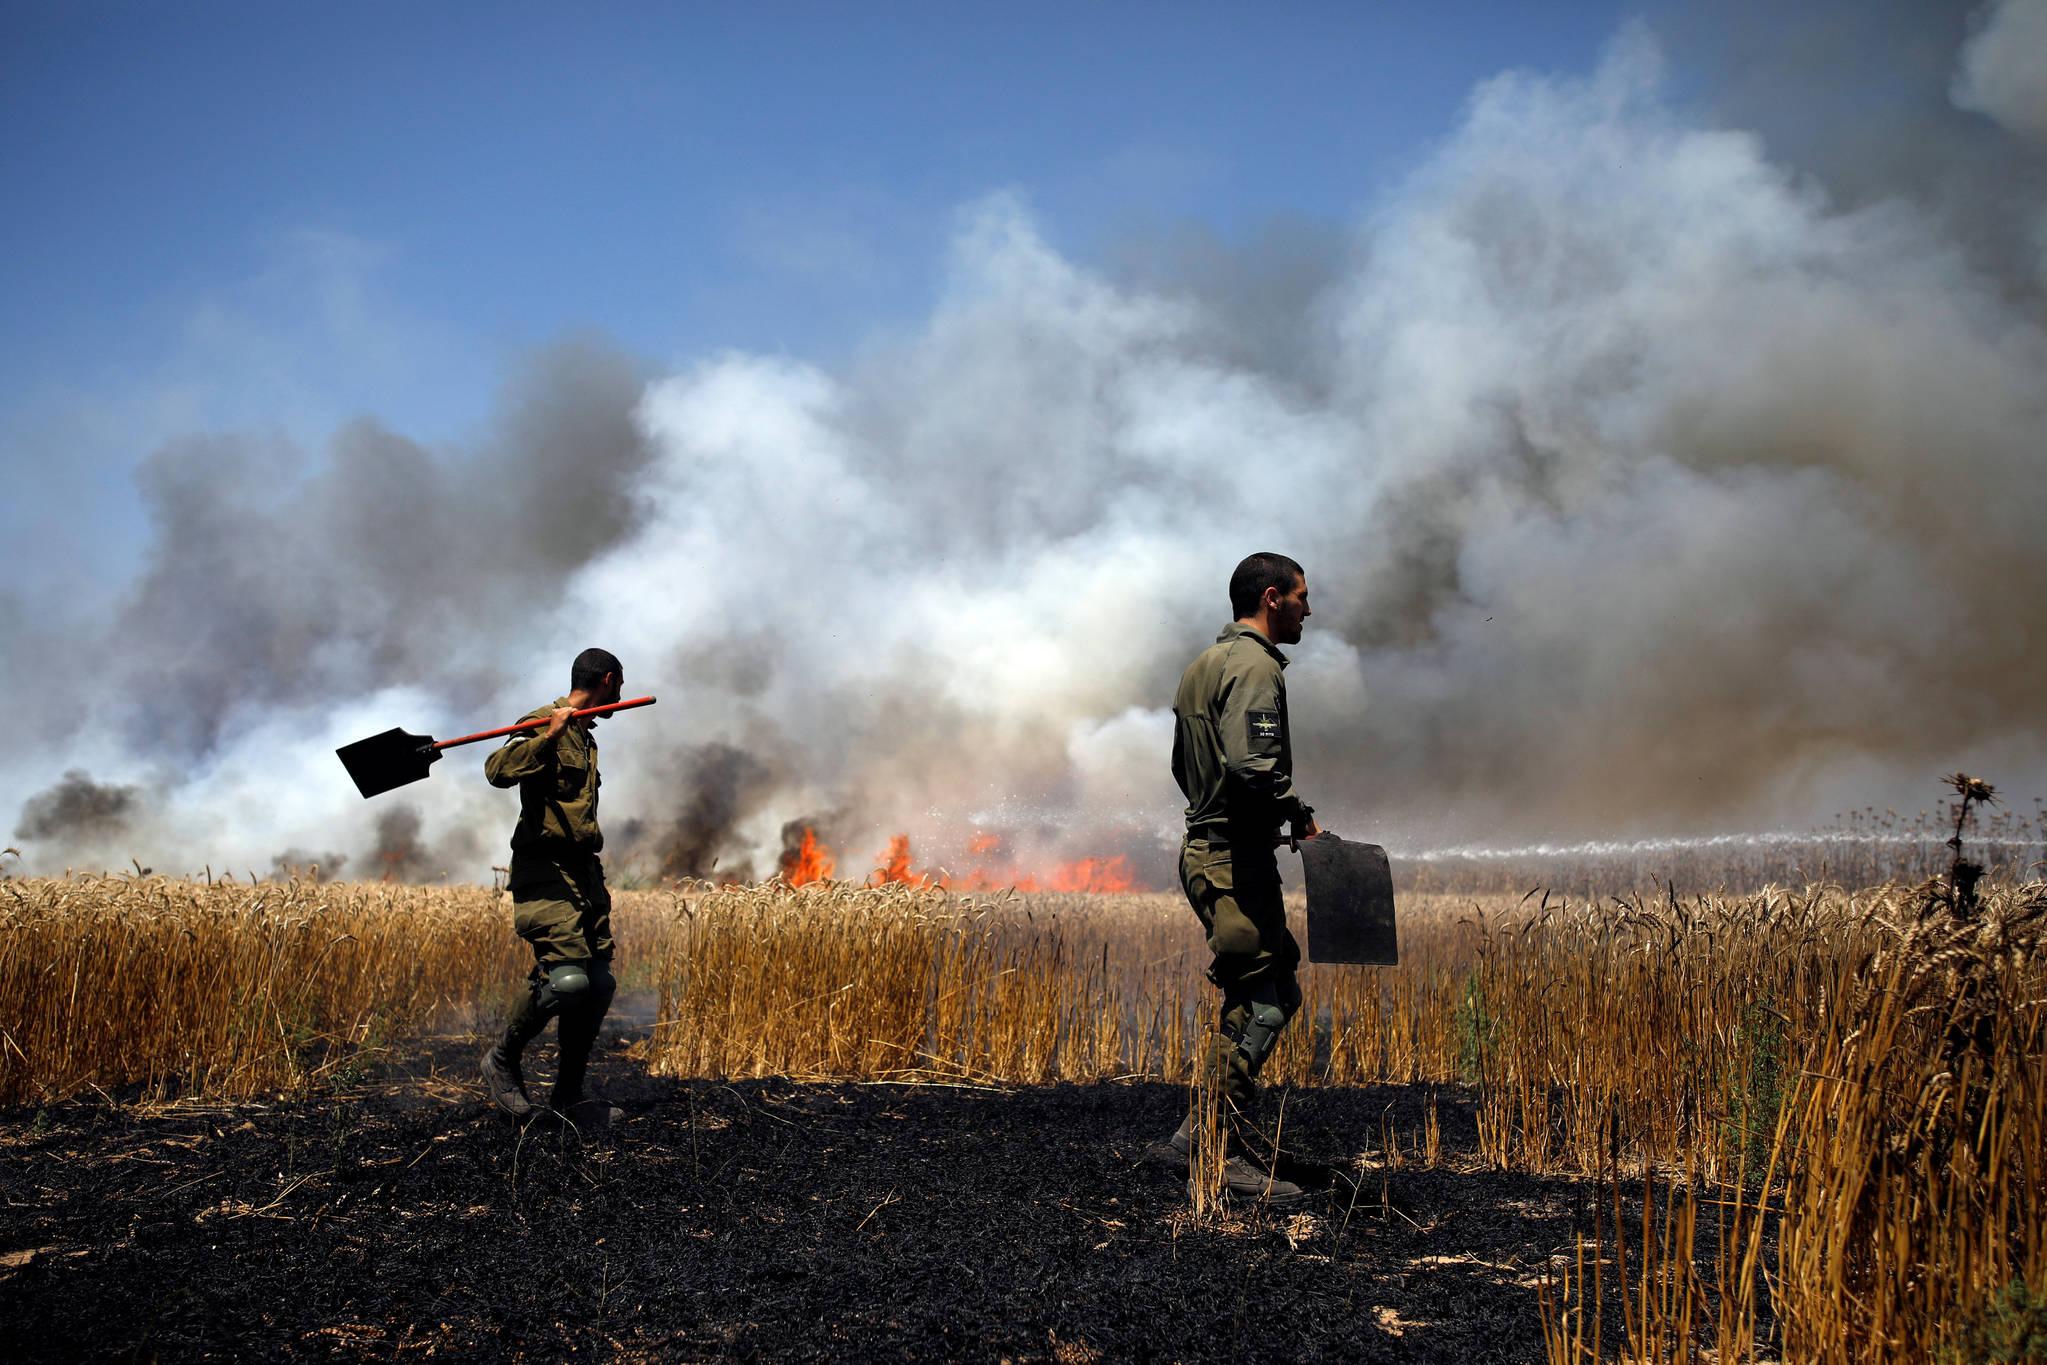 이스라엘 군인들이 14일 가자지구 국경에서 발생한 화재를 진압을 하고 있다. [로이터=연합뉴스]